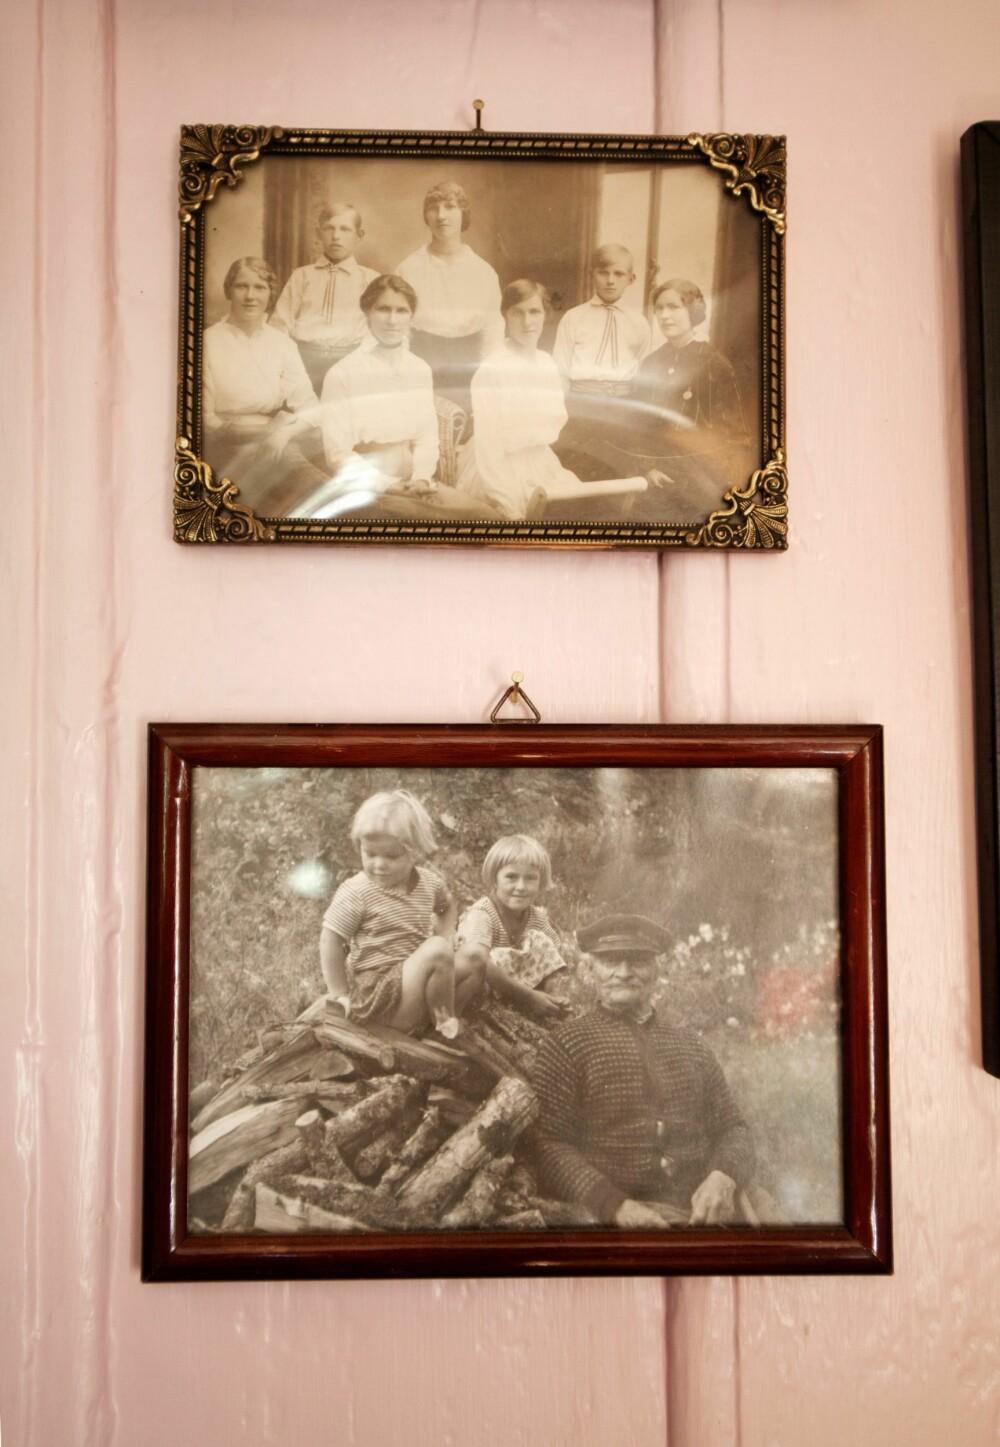 HISTORIE PÅ VEGGEN: Kanskje var det en kjærlighetshistorie mellom gårdsgutten Nils og gårdseieren Marie? Rigmor og Jorun kalte uansett Nils for bestefar.